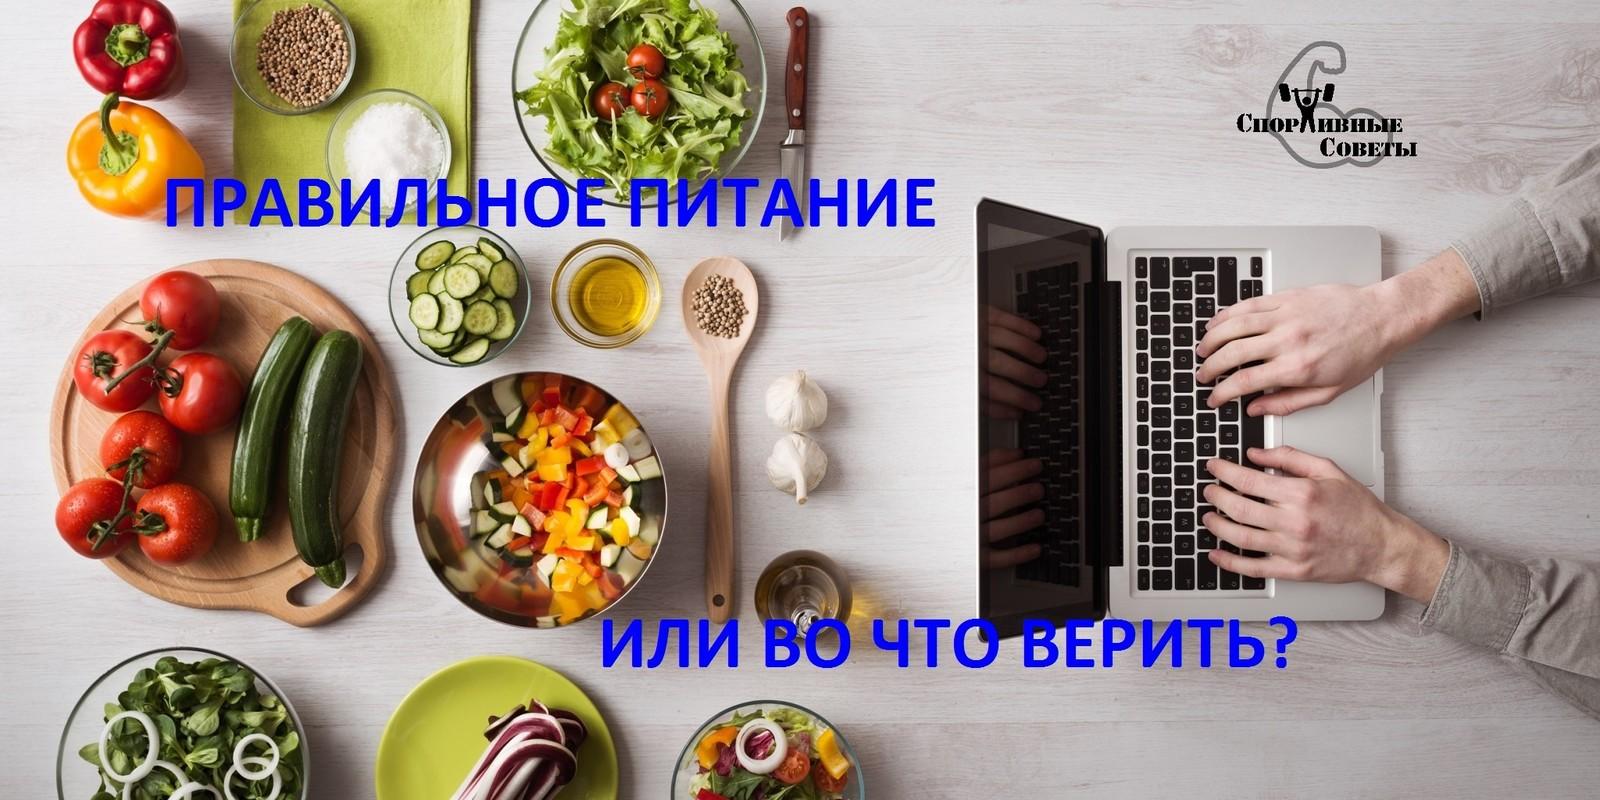 правильное питание и спорт для похудения